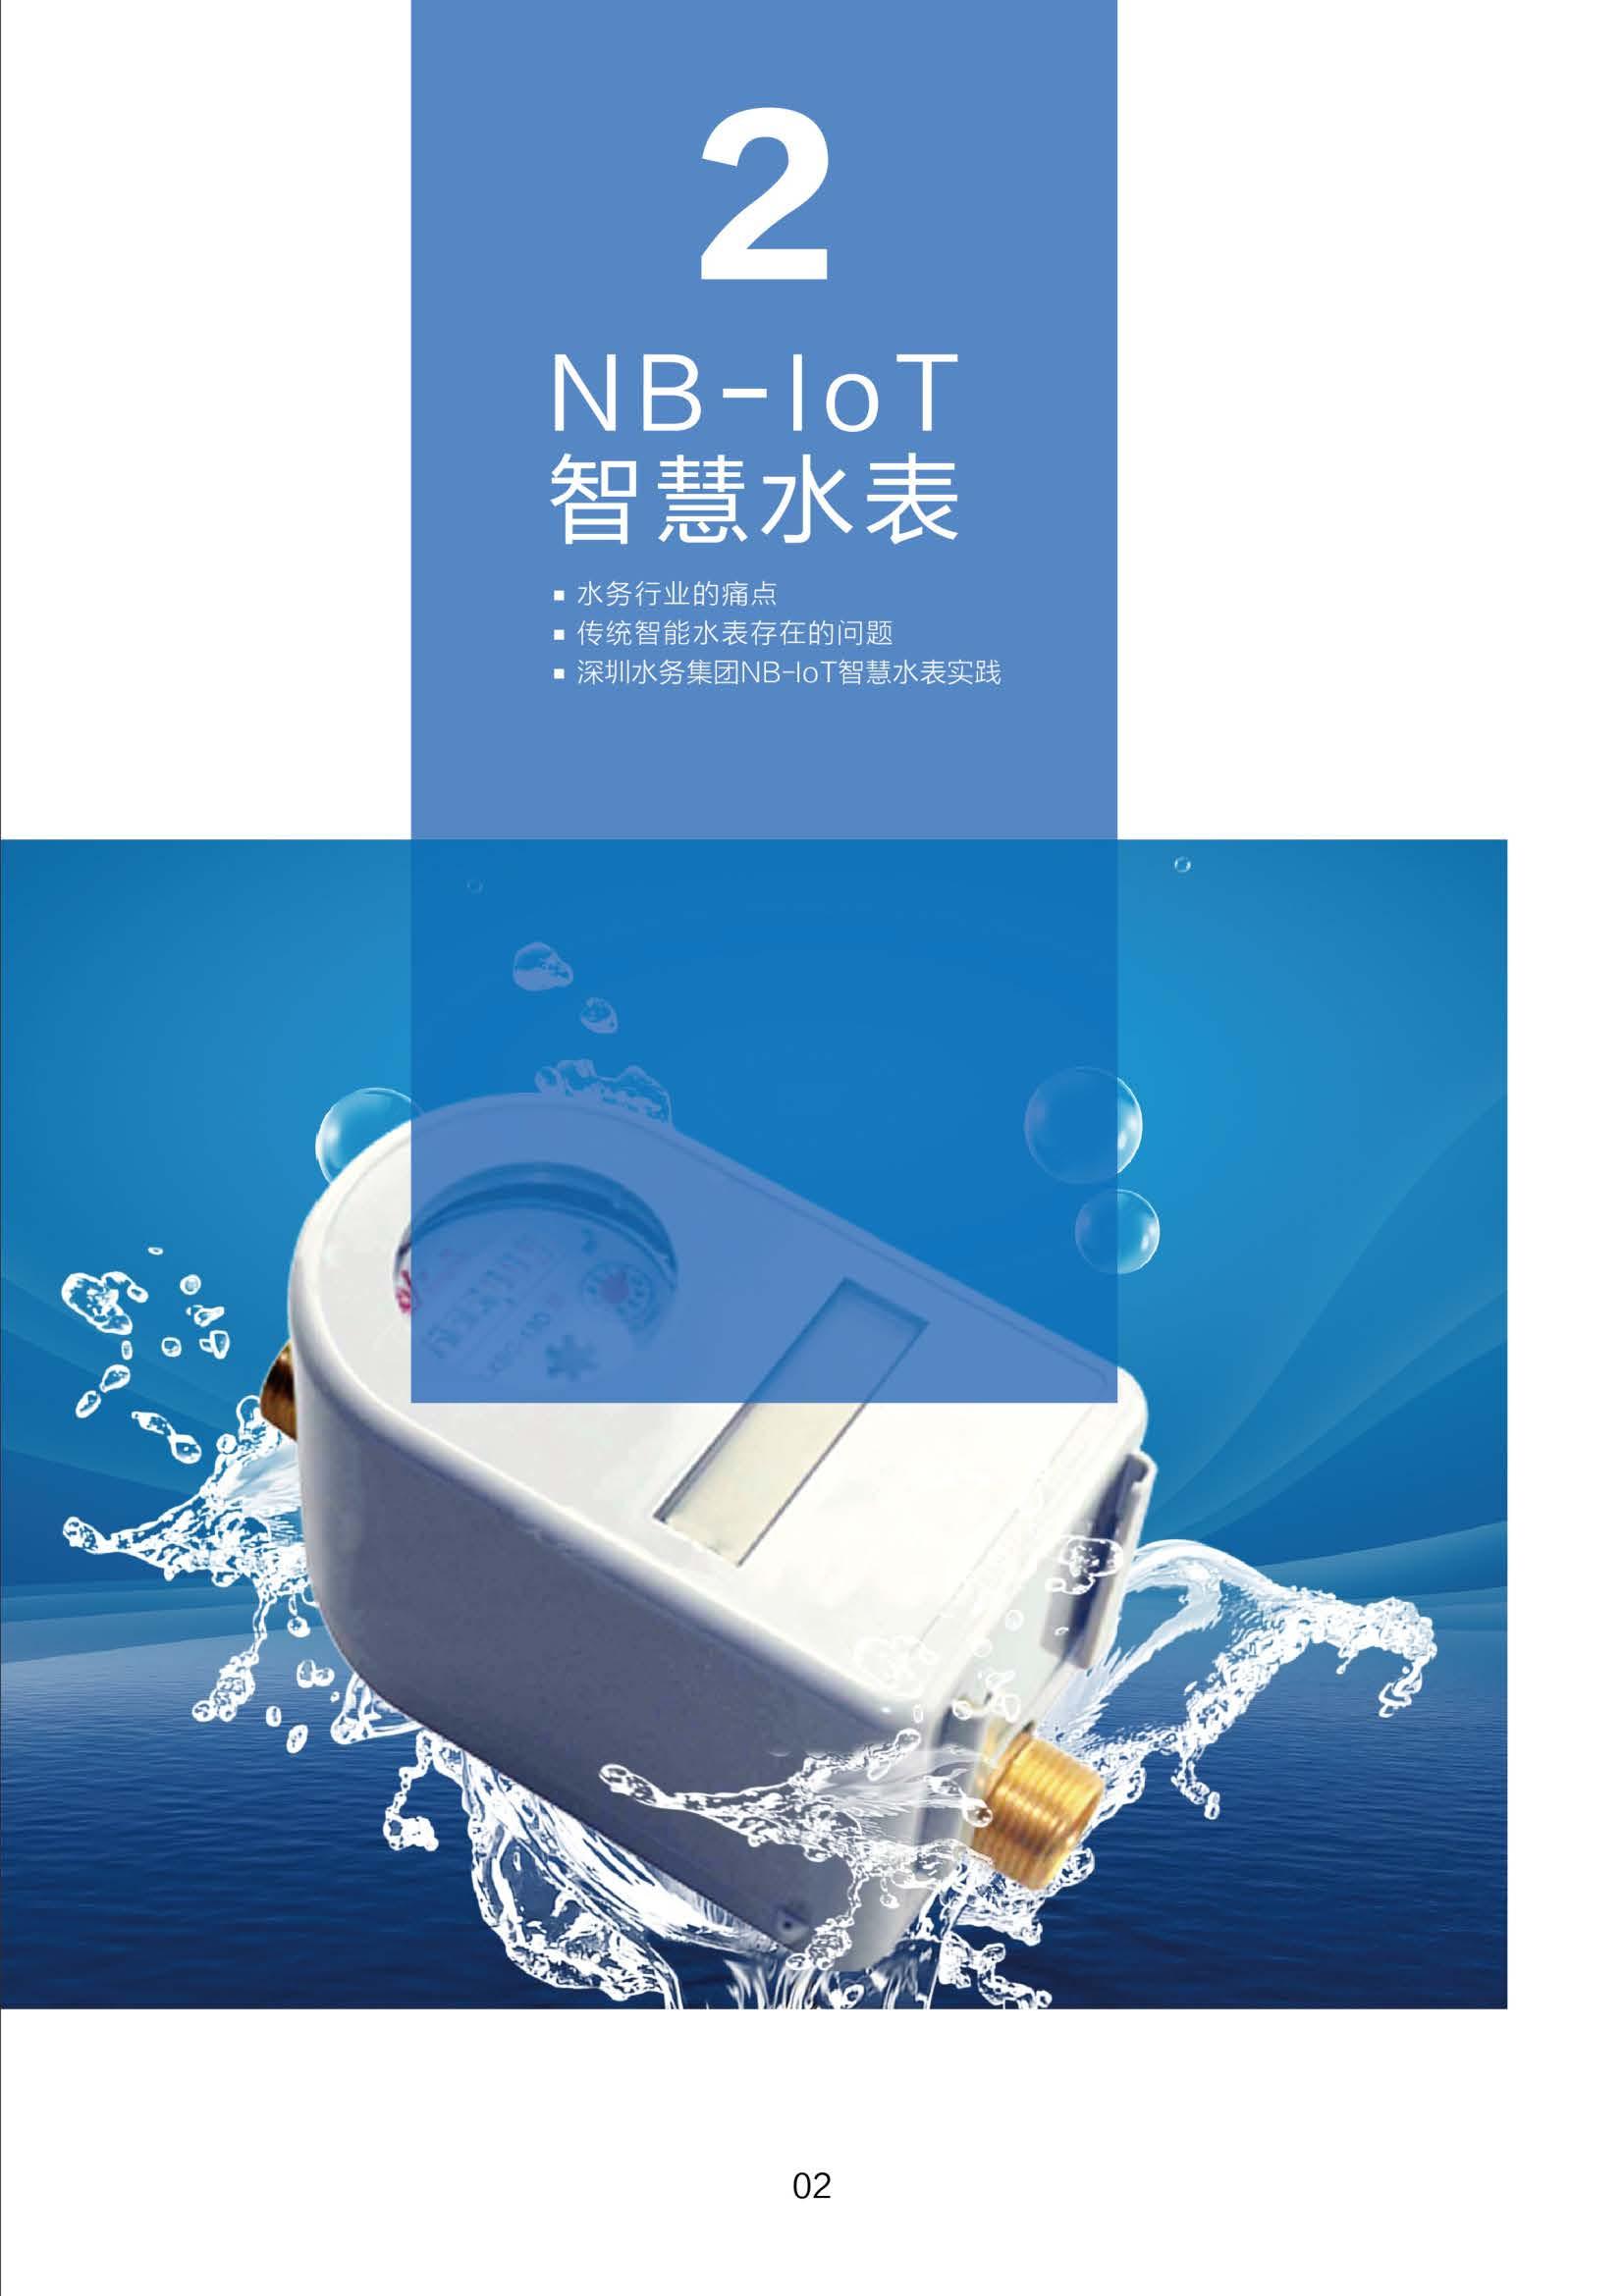 NB-IoT智慧水表白皮书 深圳水务 中国电信 华为 20170330_页面_04.jpg